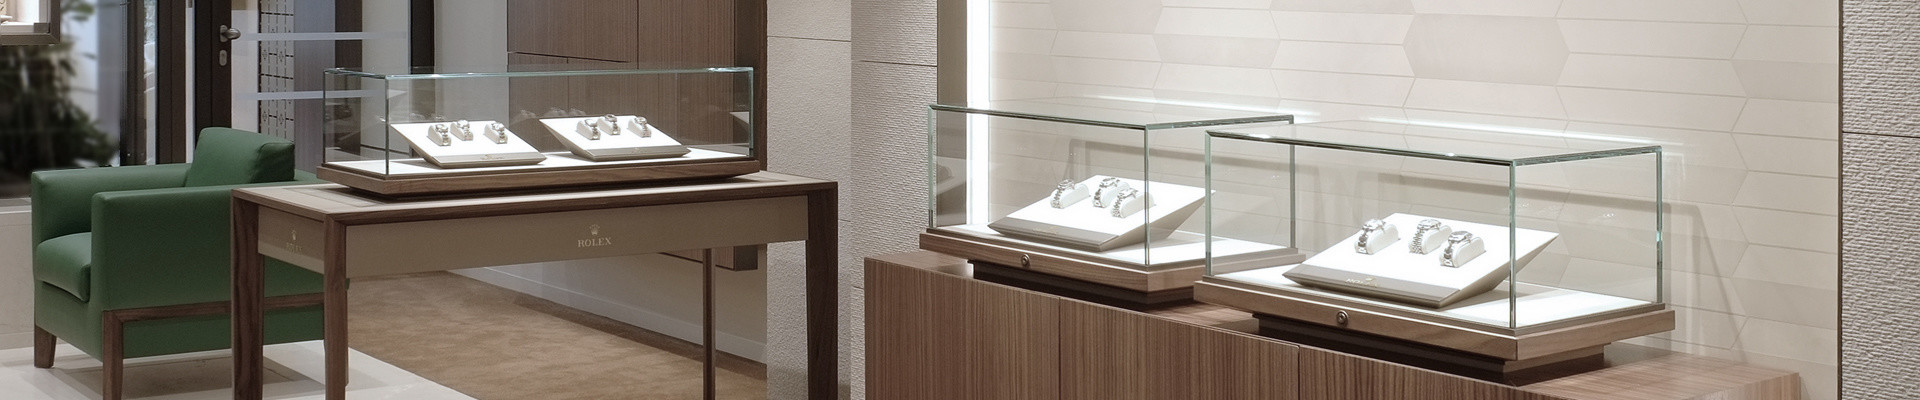 Rolex Boutique Maastricht Leon Martens Juwelier